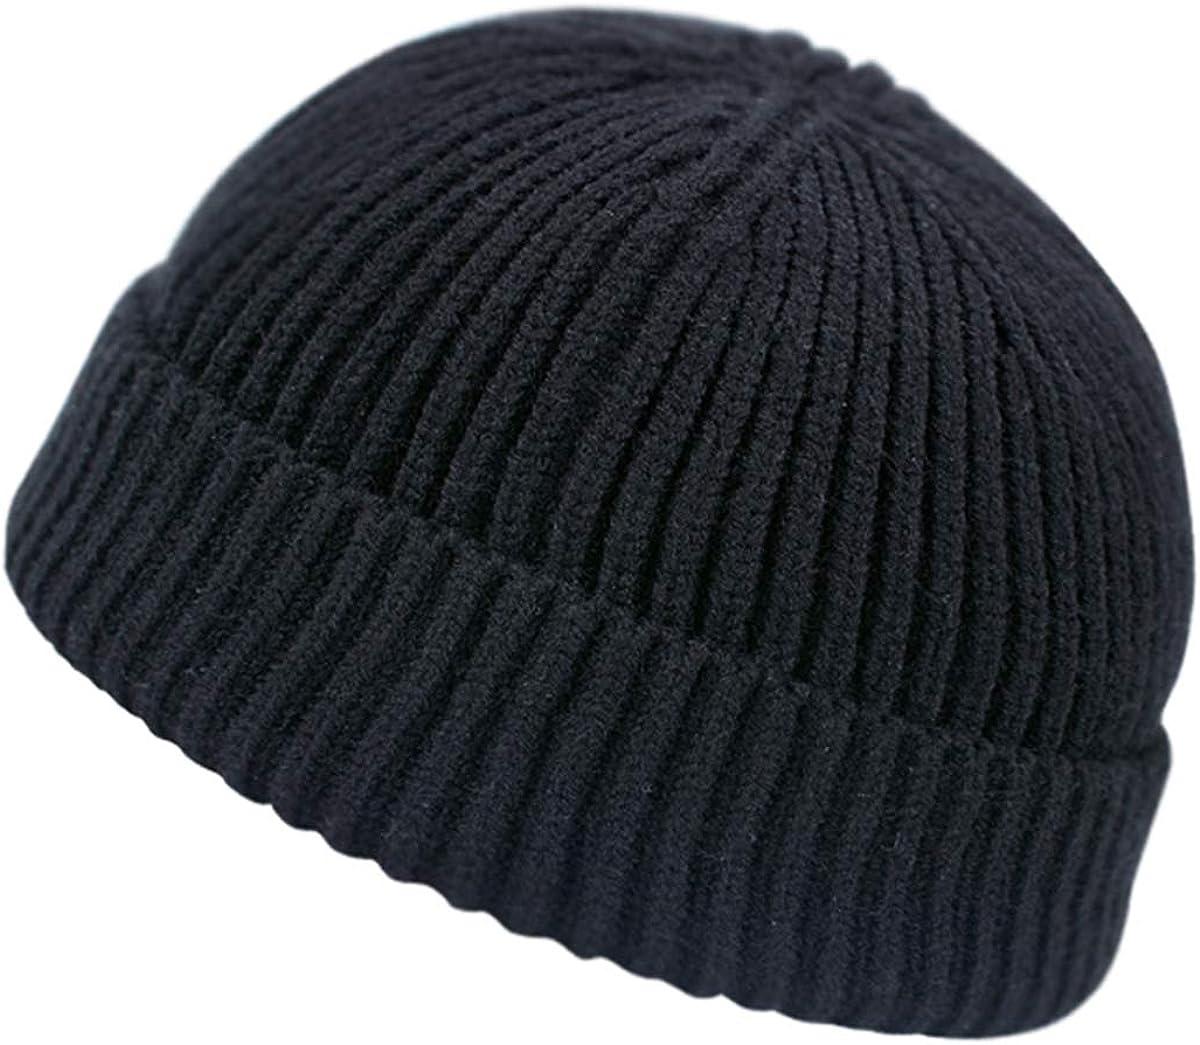 Unisex Rollup Edge Knit Skullcap Adjustable Short Beanie for Men Women